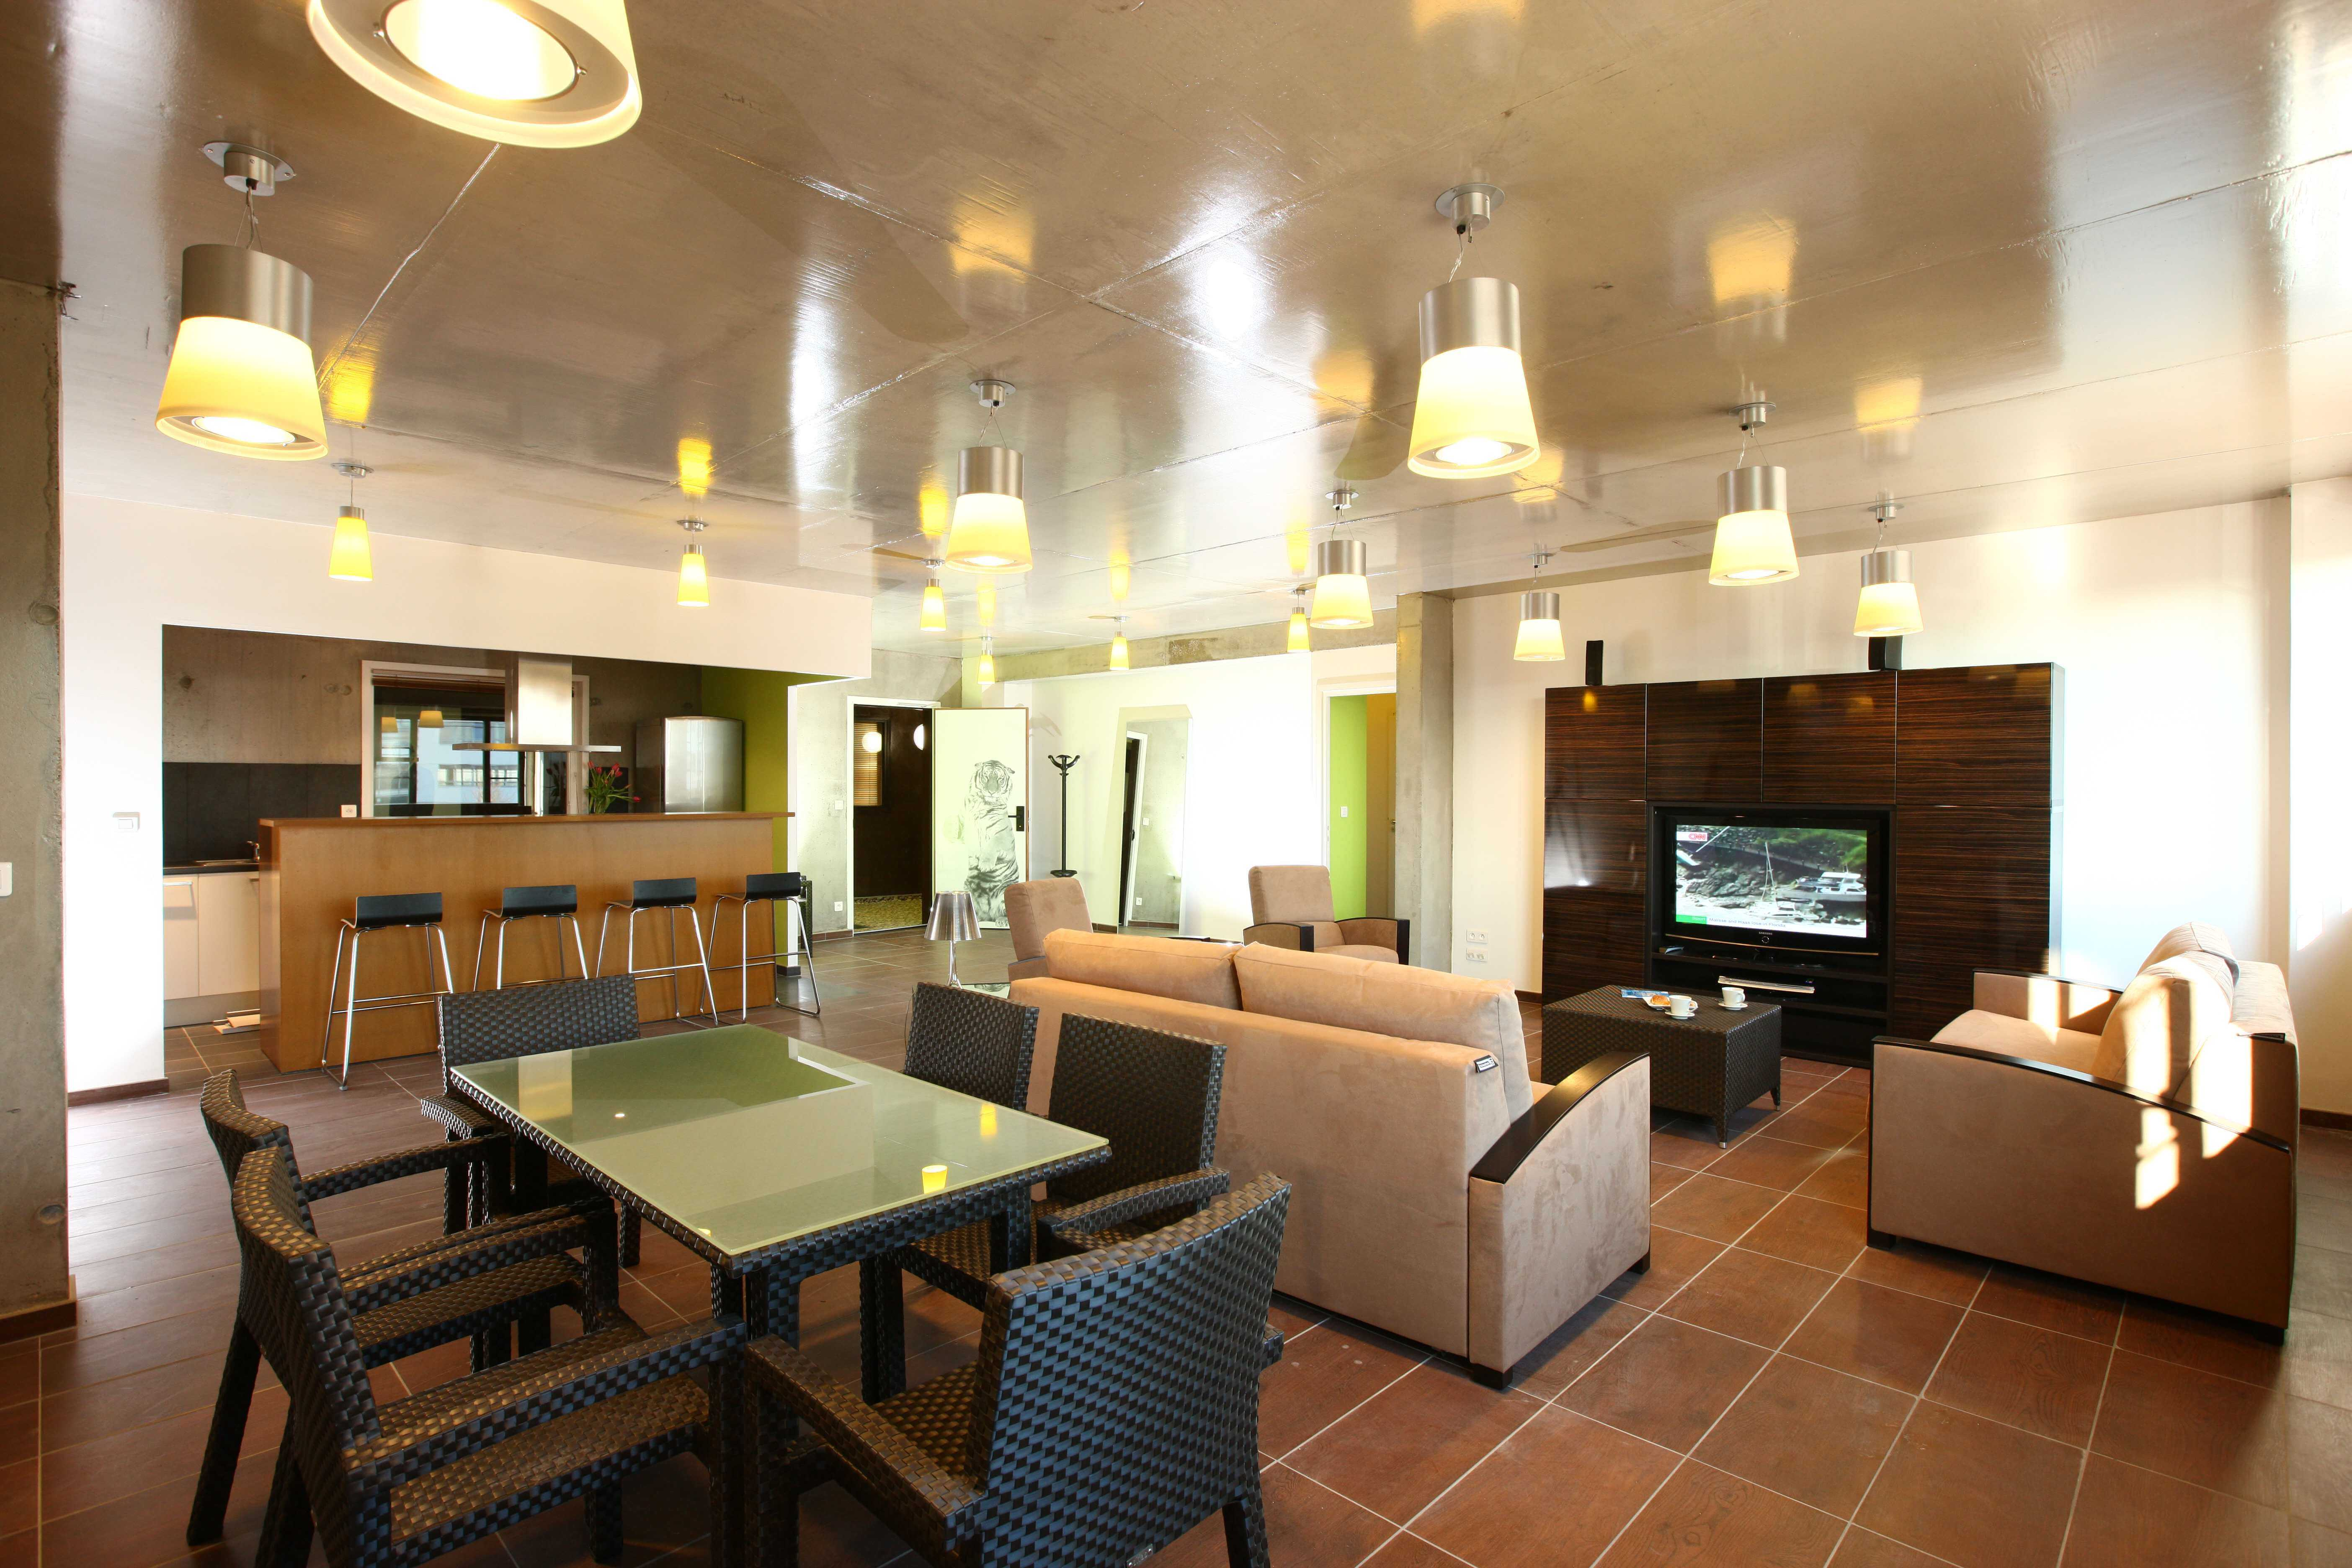 Olivarius Apart'hotels Villeneuve d'Ascq